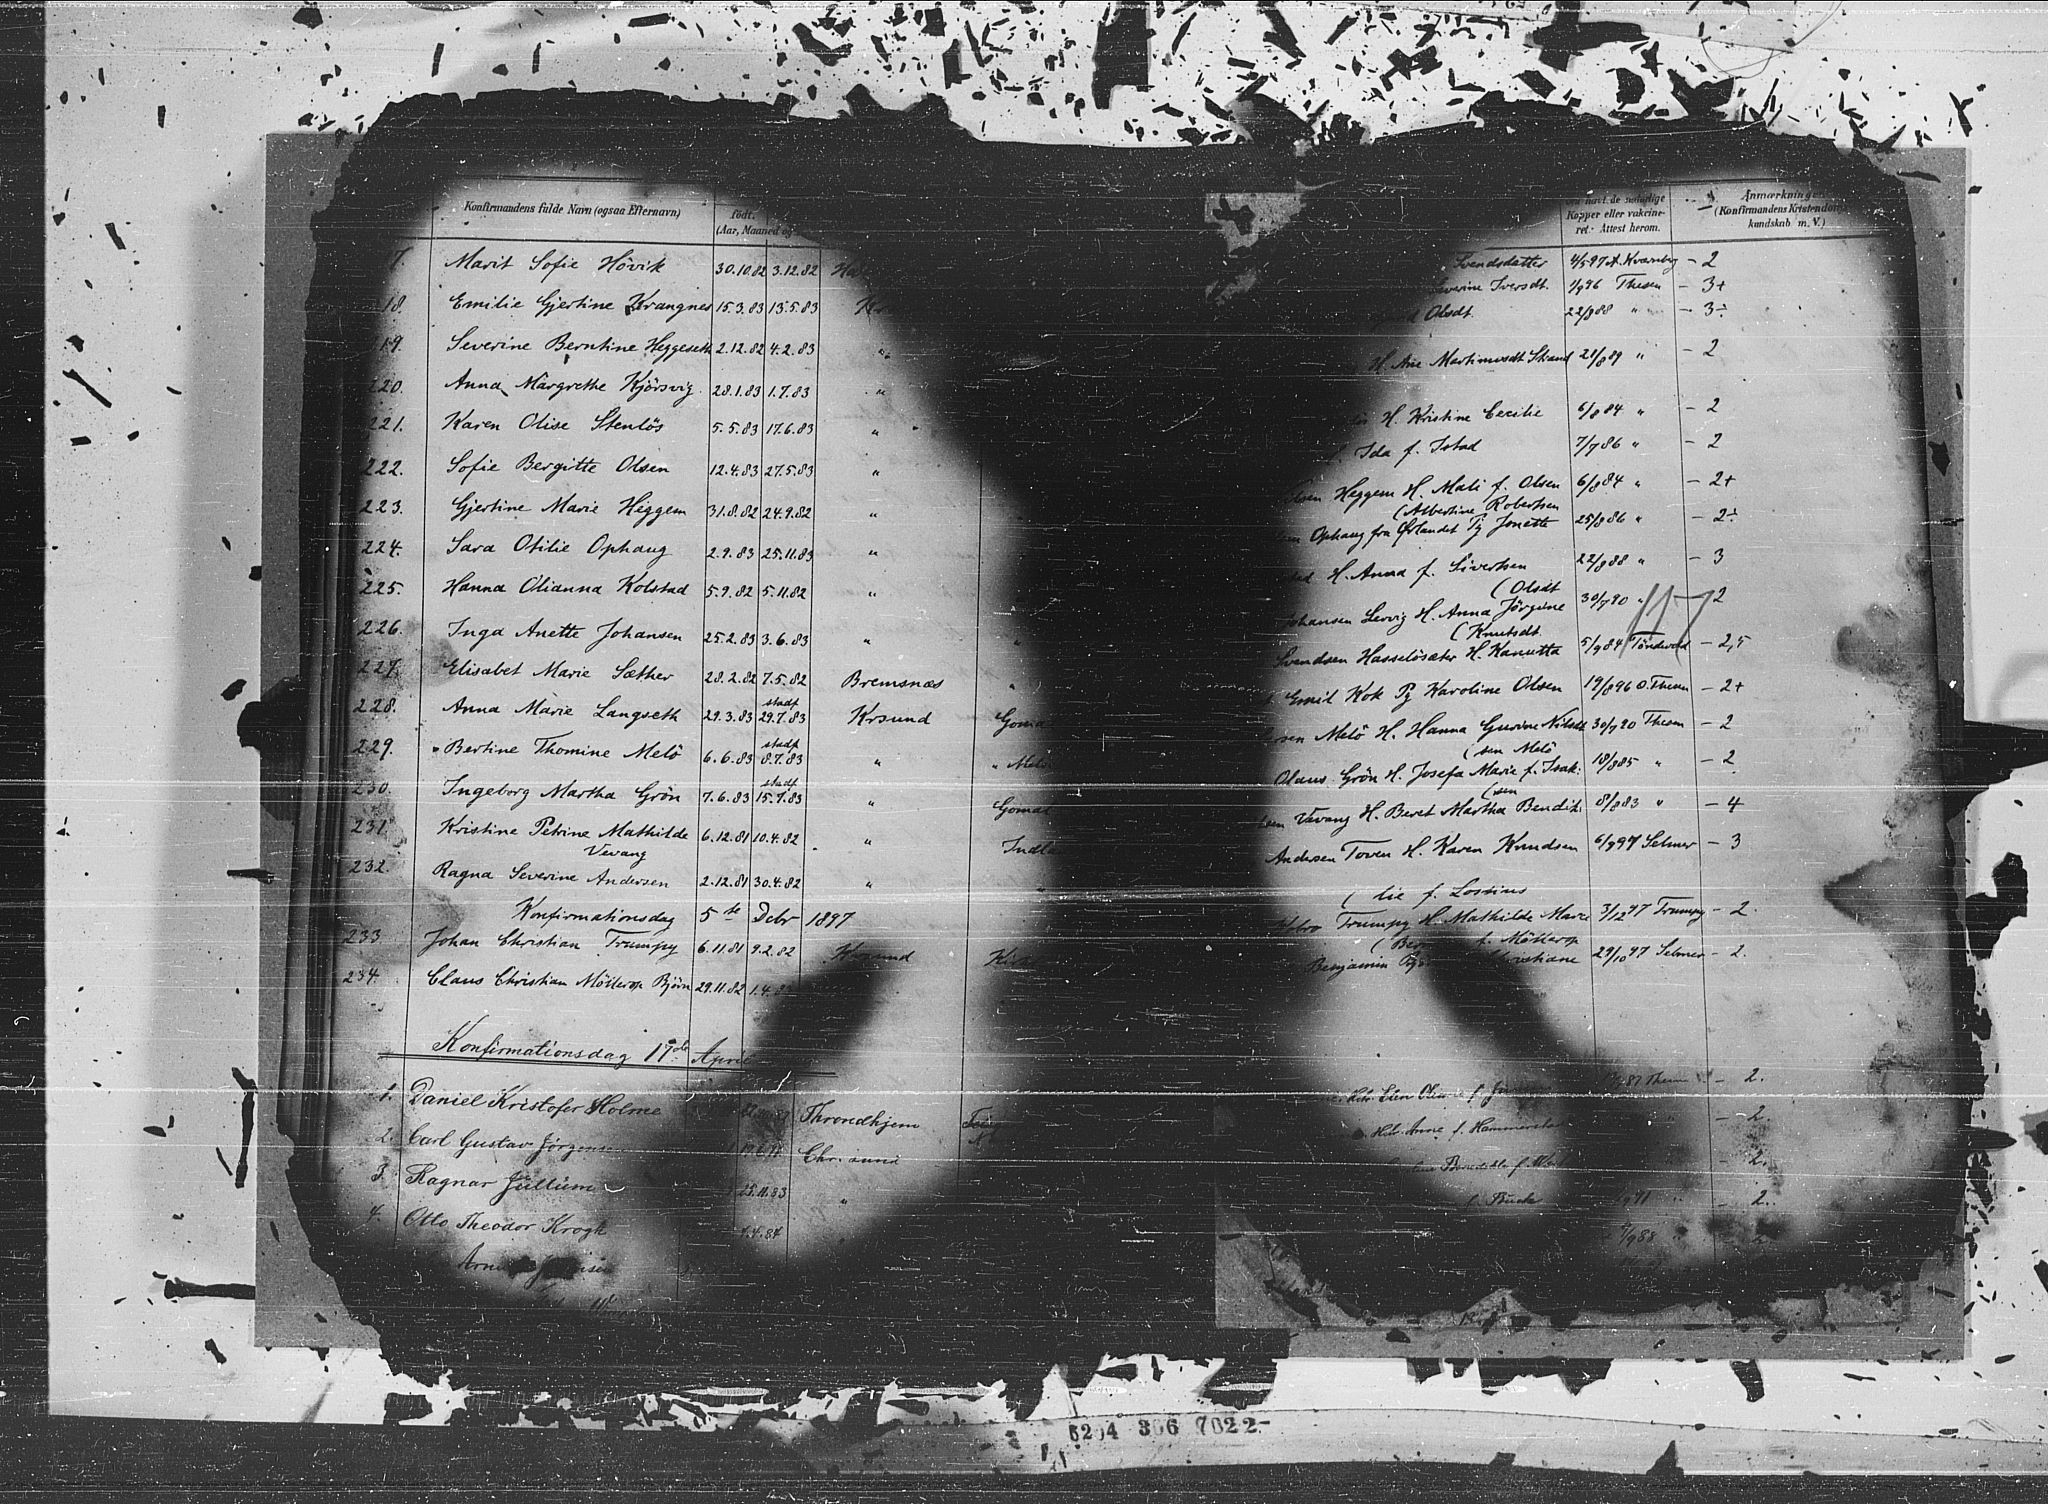 SAT, Ministerialprotokoller, klokkerbøker og fødselsregistre - Møre og Romsdal, 572/L0852: Ministerialbok nr. 572A15, 1880-1900, s. 117